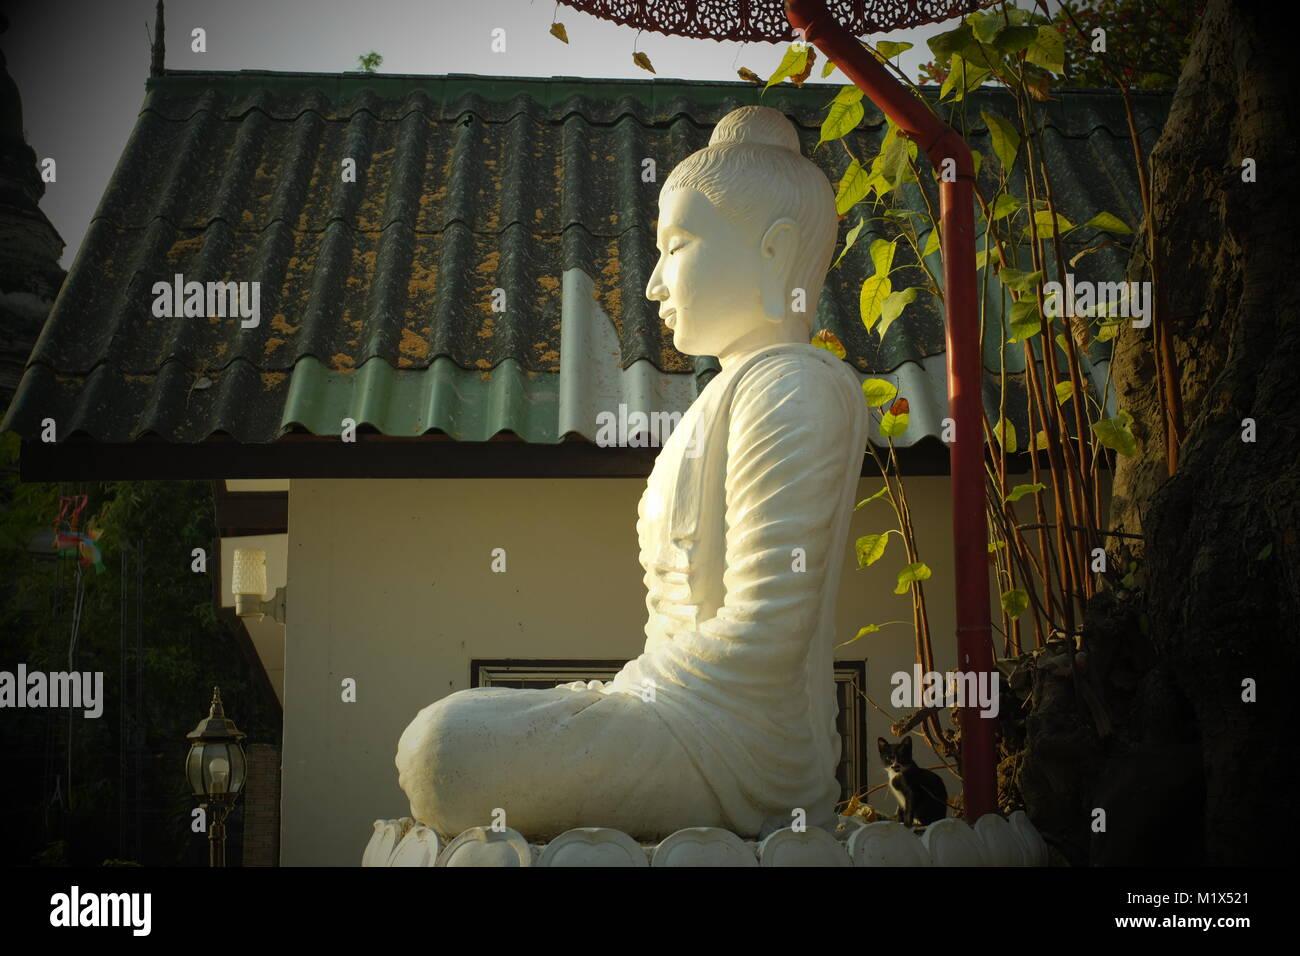 Une statue de Bouddha sous un grand arbre dans un temple à Chiang Mai, Thaïlande. Photo Stock